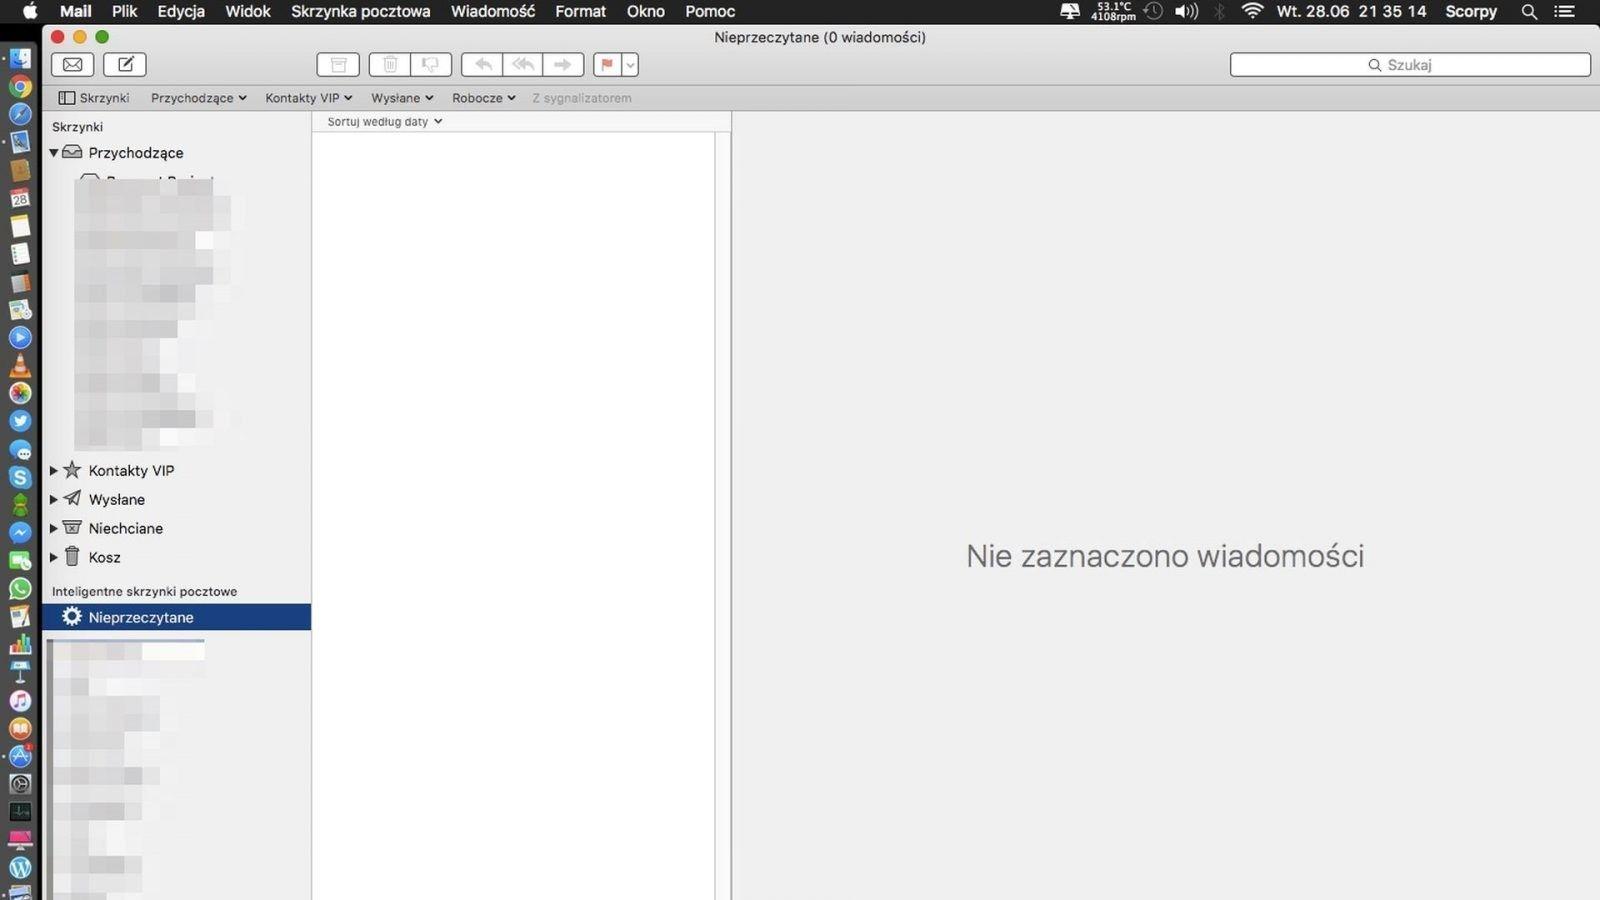 Jak zobaczyć tylko nieprzeczytane wiadomości w Mail na OS X?